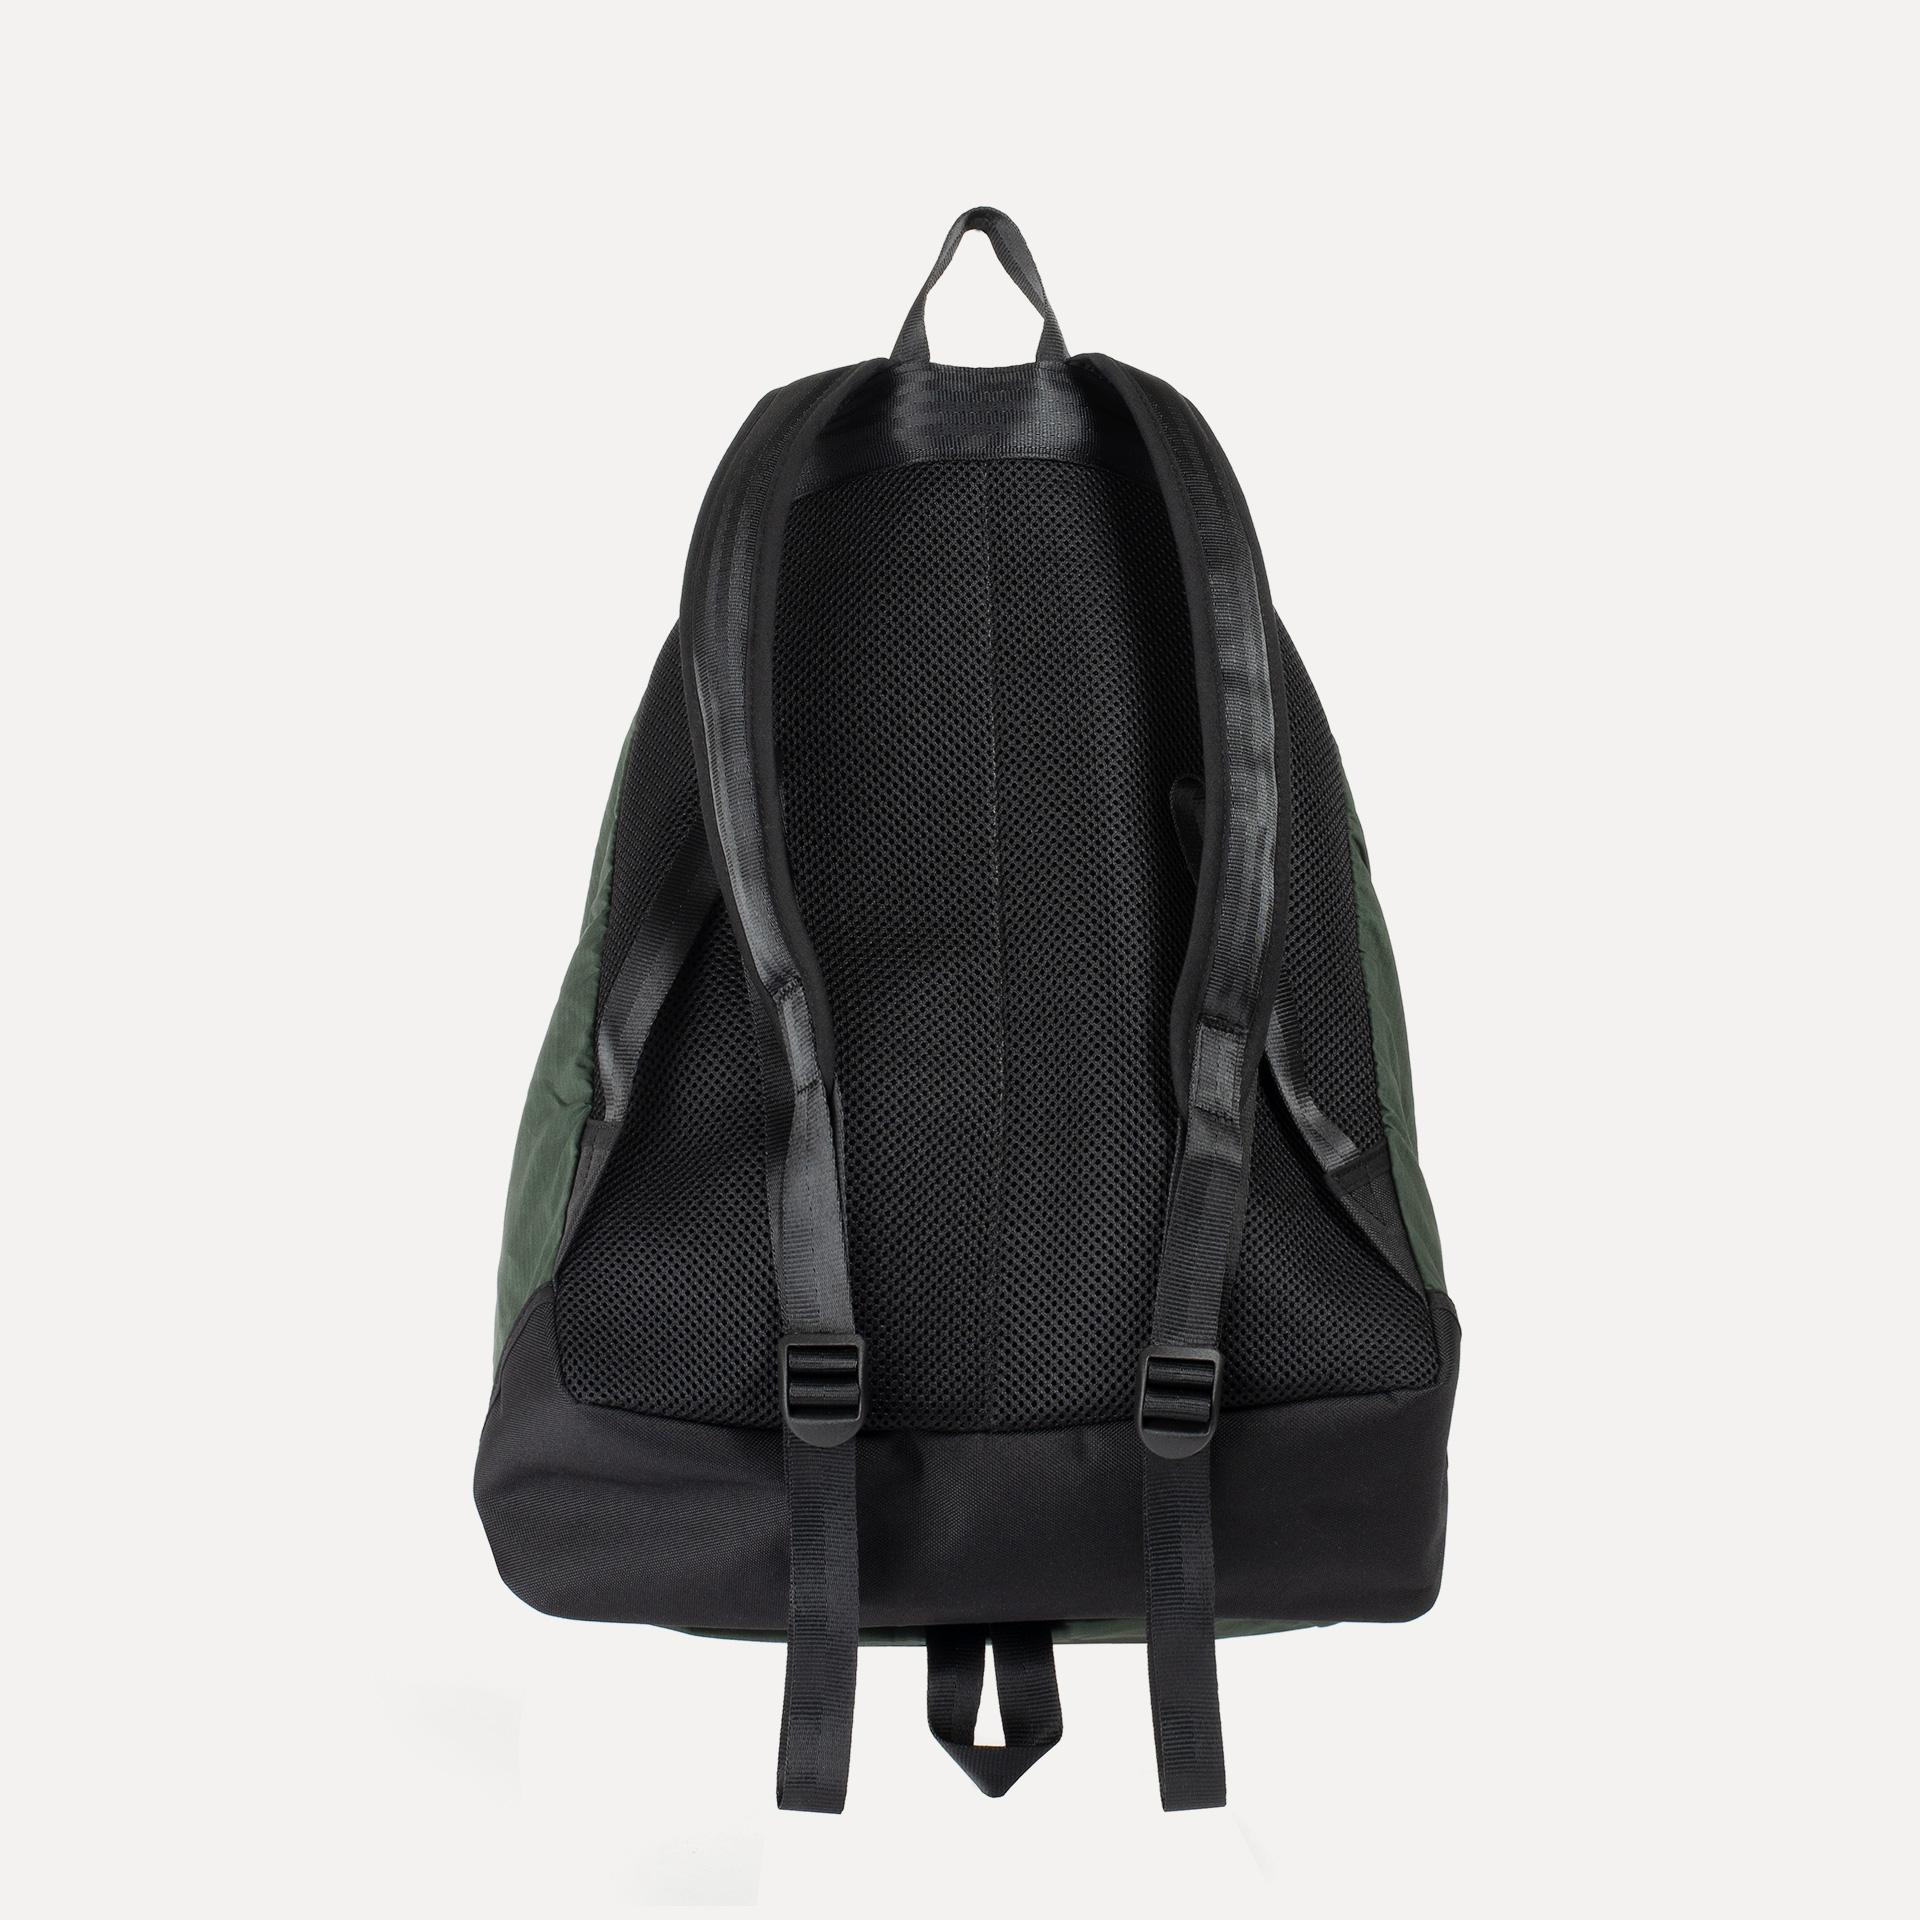 23L Bayou Backpack - Dark Khaki (image n°3)